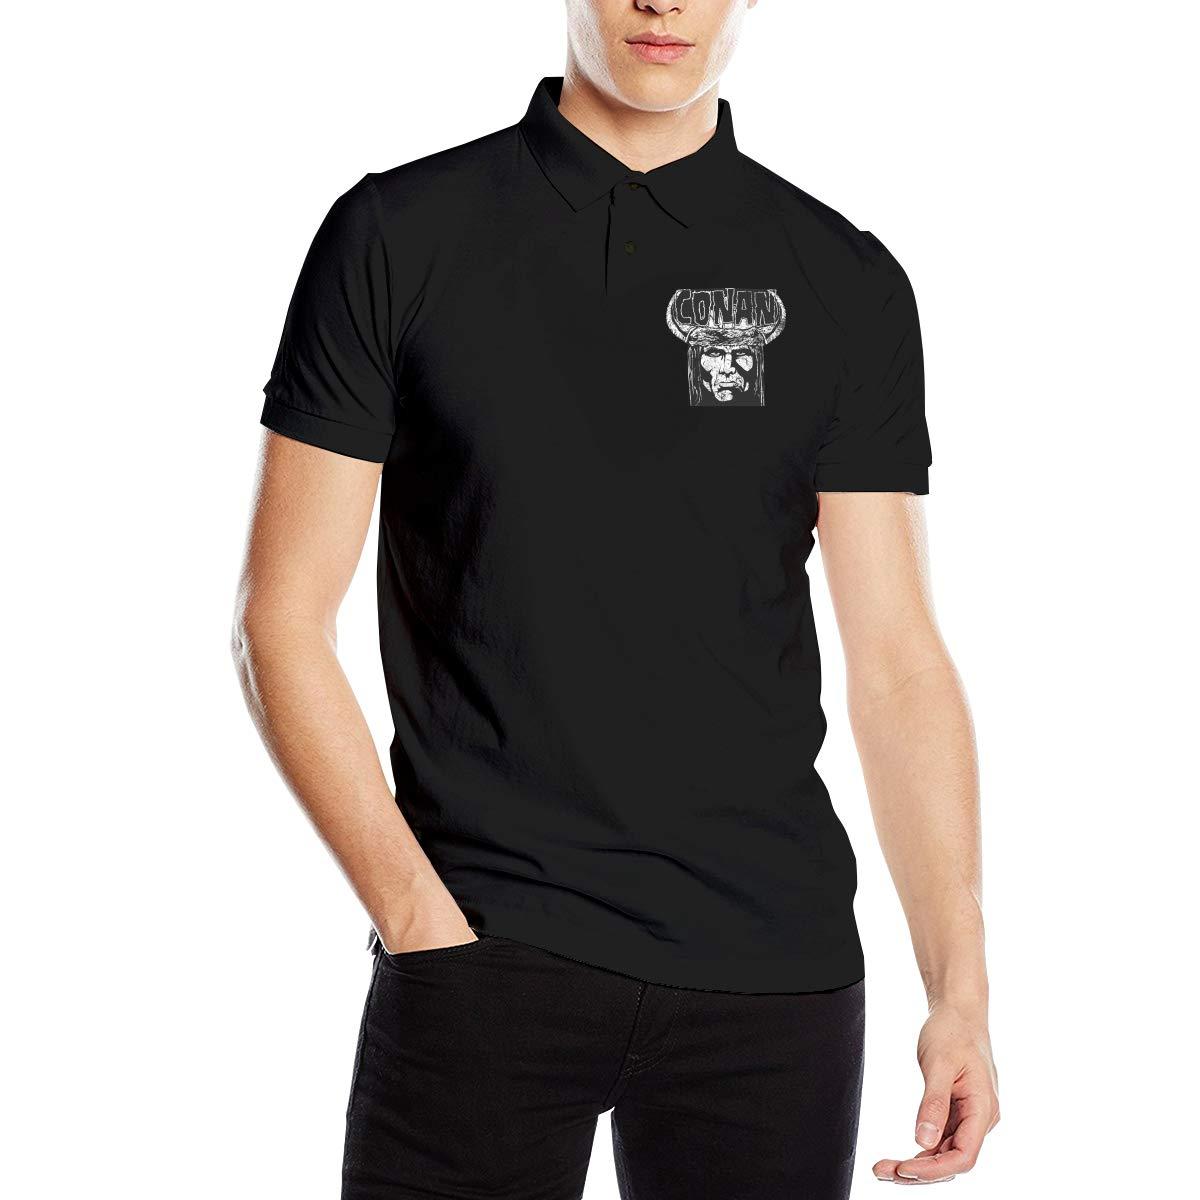 Cjlrqone Conan Men Leisure Polo Shirts Black